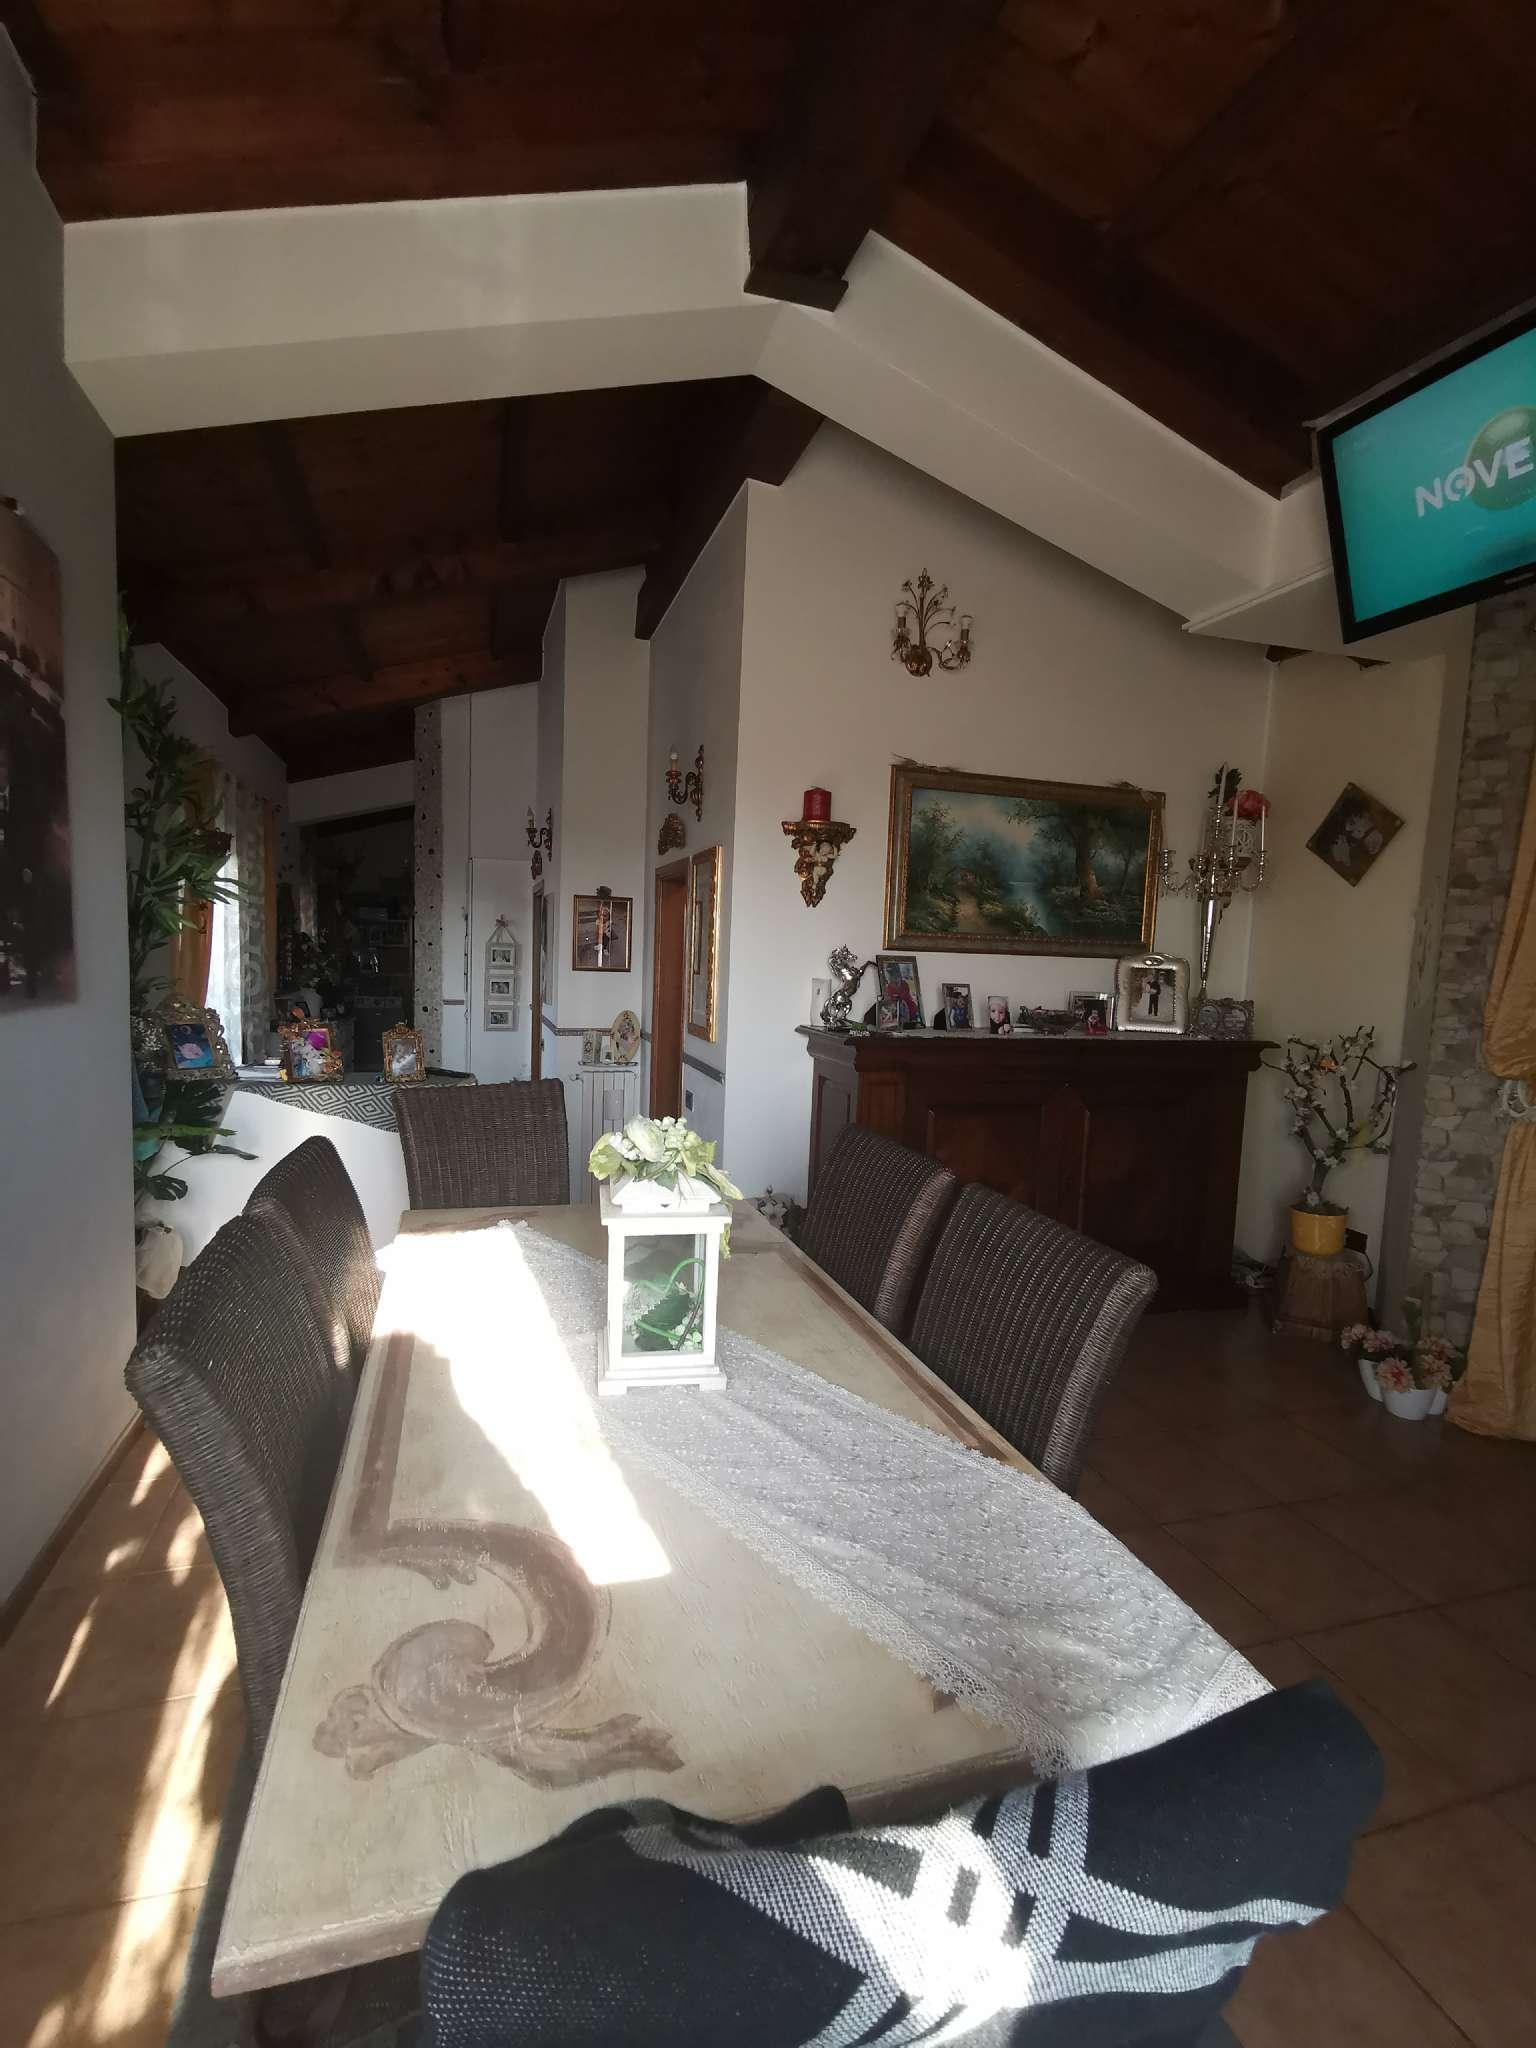 Appartamento in vendita a Chieve, 3 locali, prezzo € 128.000 | PortaleAgenzieImmobiliari.it